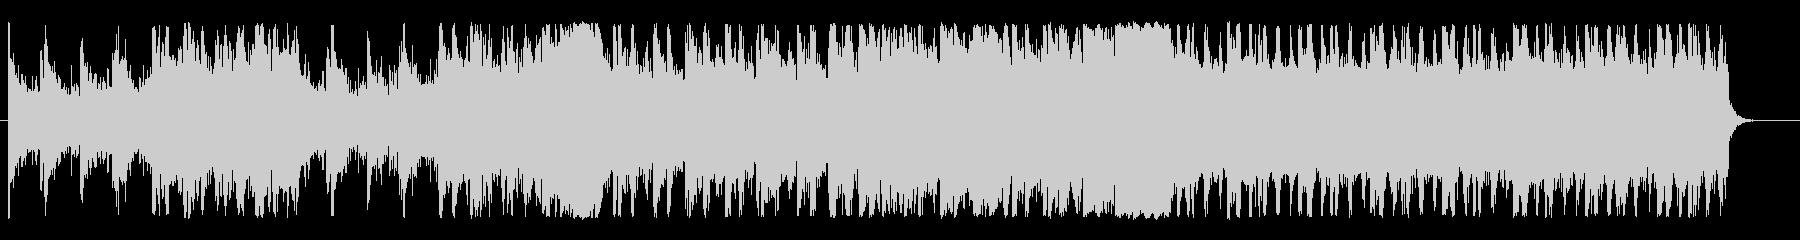 不気味な雰囲気のゲームBGMの未再生の波形